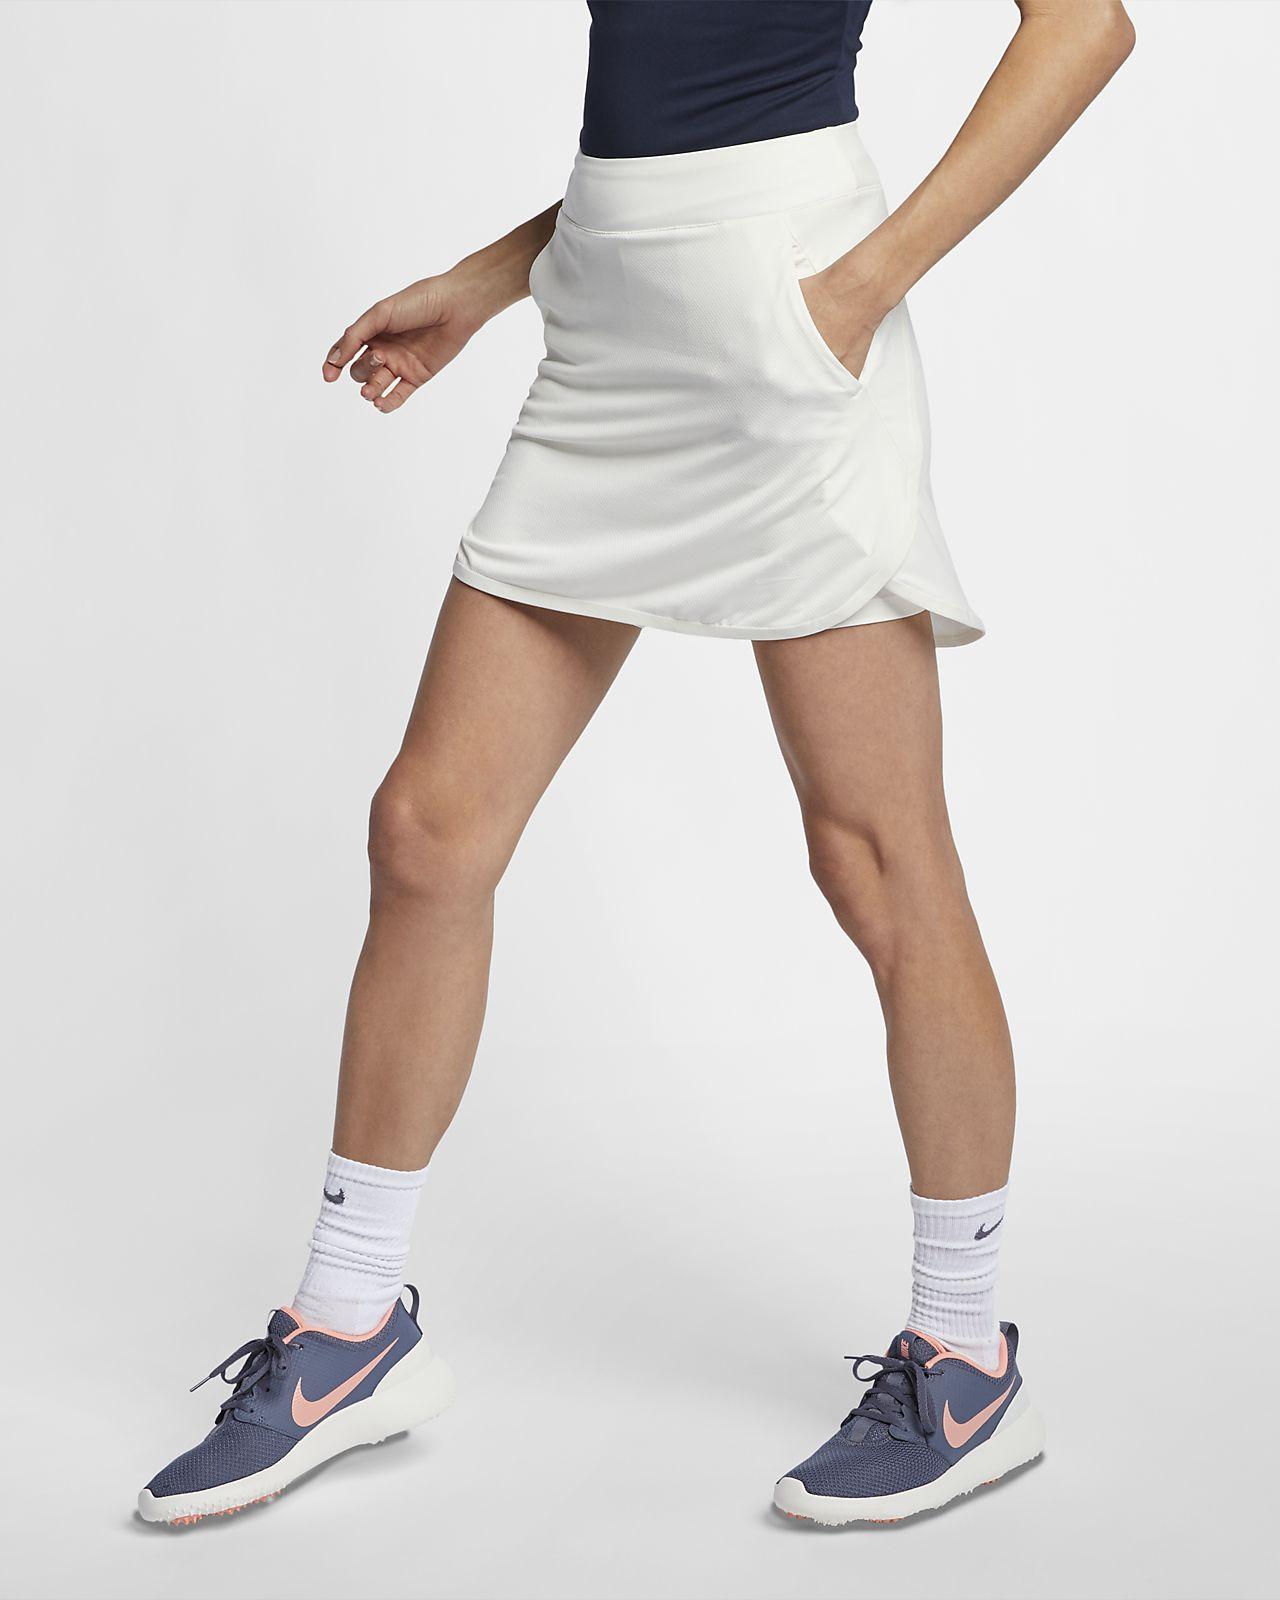 Nike Dri-FIT golfskjørt til dame (43 cm)